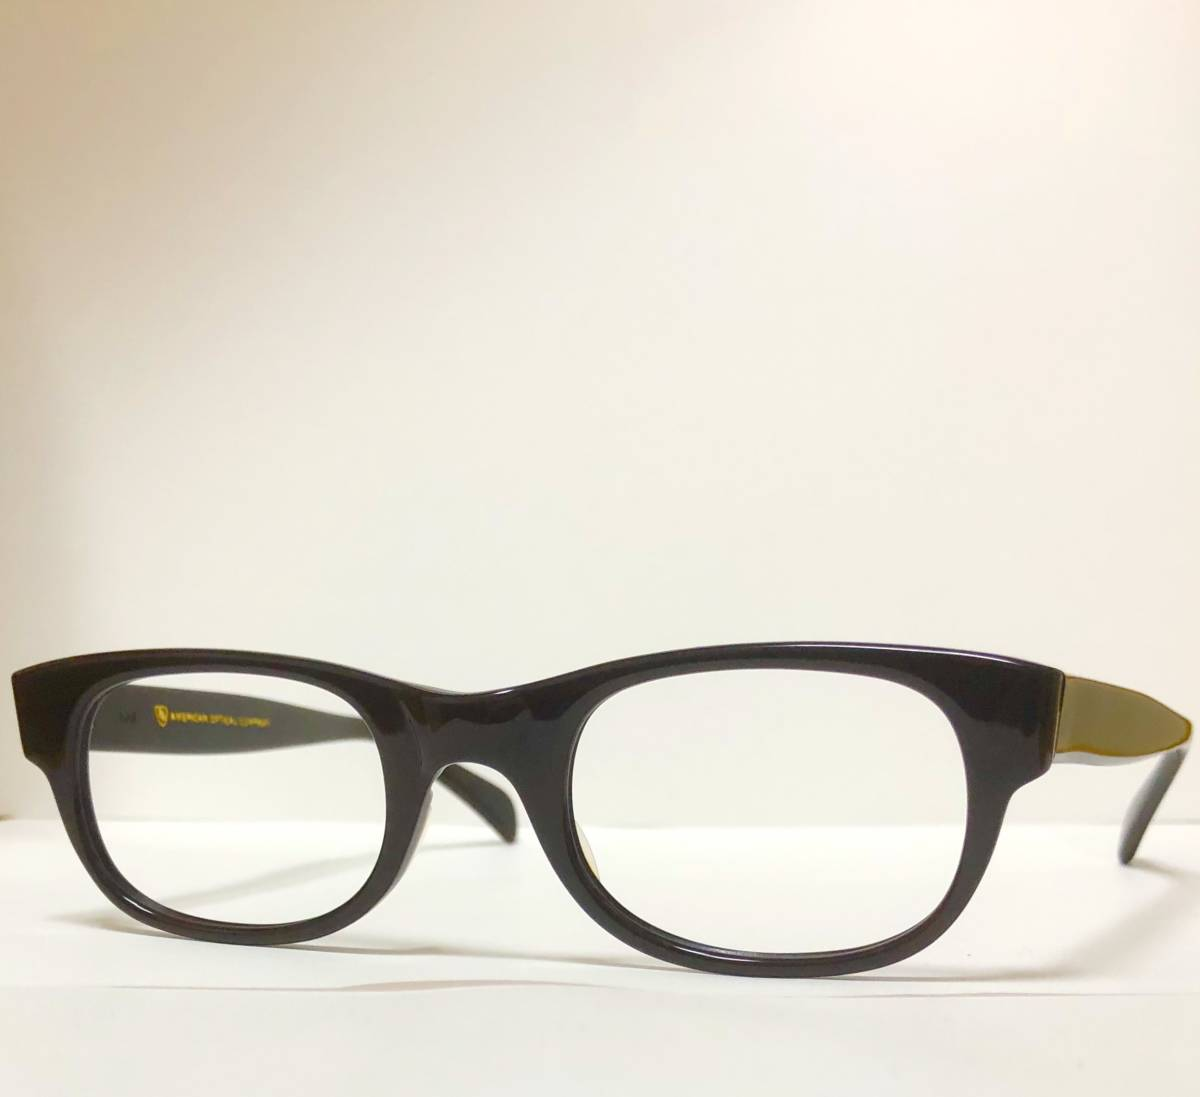 新品・1960年代頃】アメリカンオプティカル All純正 AO メガネ American Optical 米国製 ビンテージ ヴィンテージ_画像3